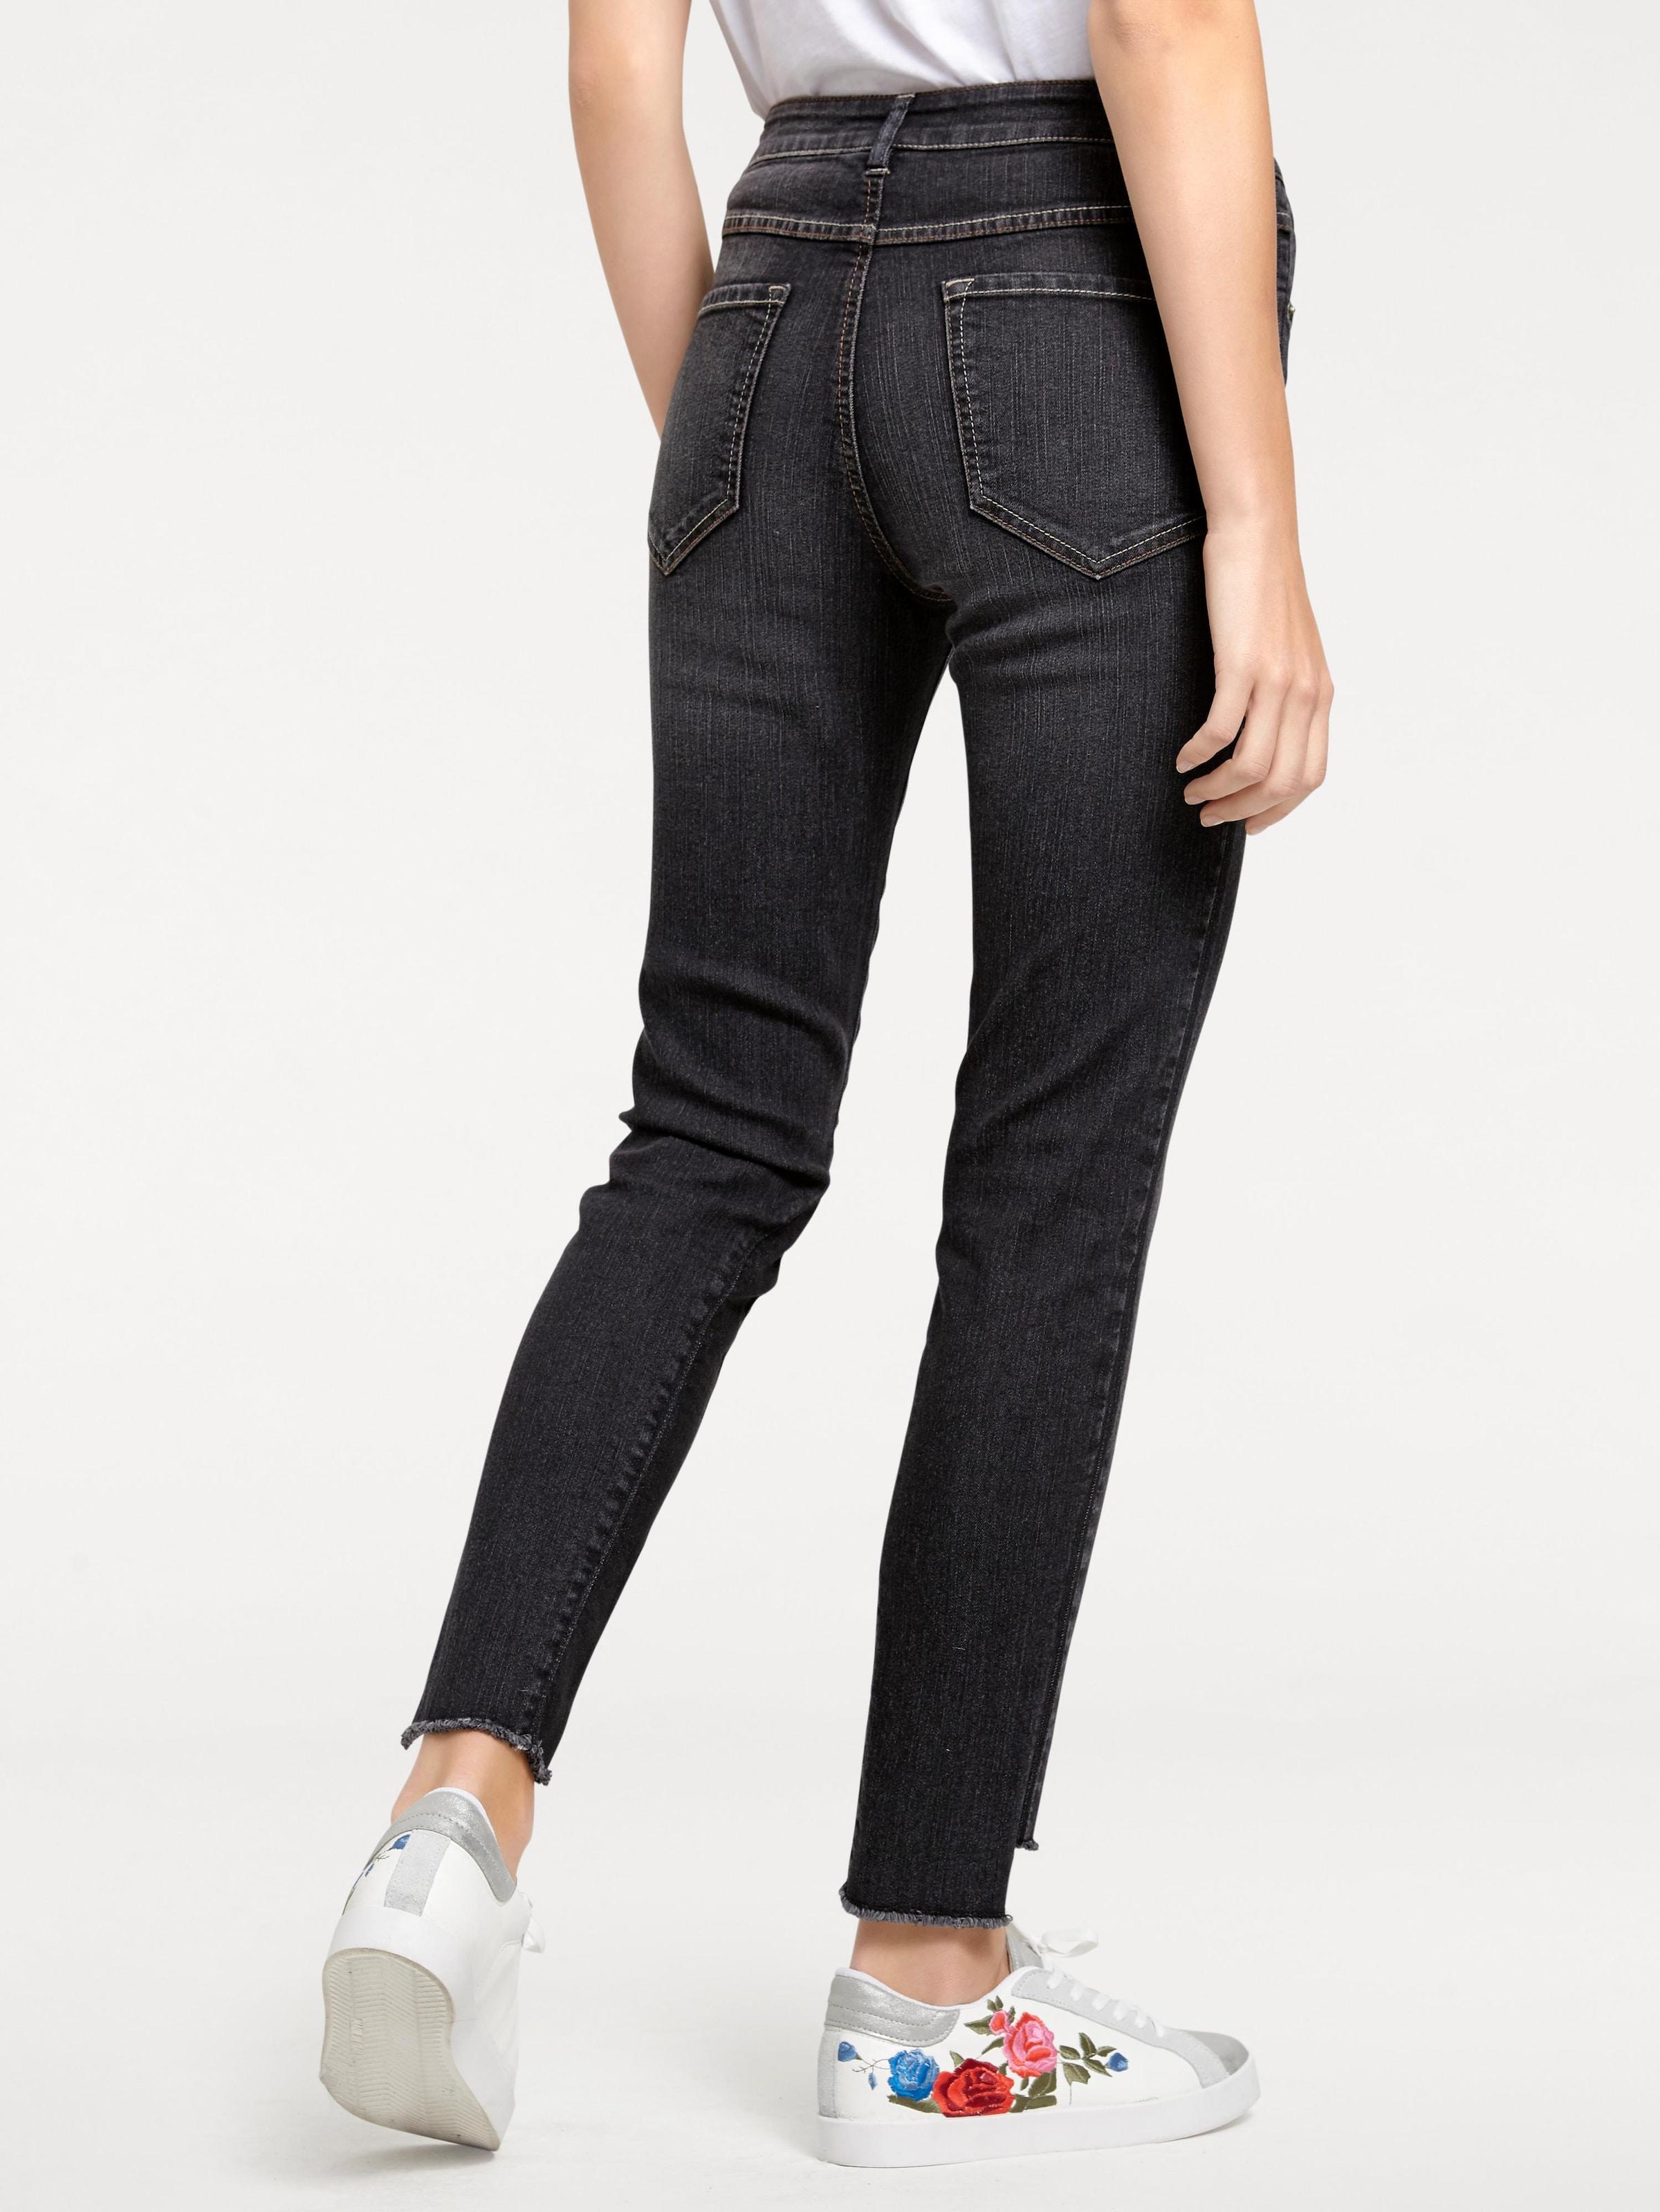 B.C. Best Connections by heine 7/8-Jeans mit Fransen Professionel Rabatt Empfehlen Spielraum Sast Günstig Kaufen 2018 Steckdose Reihenfolge wX1mpvZP